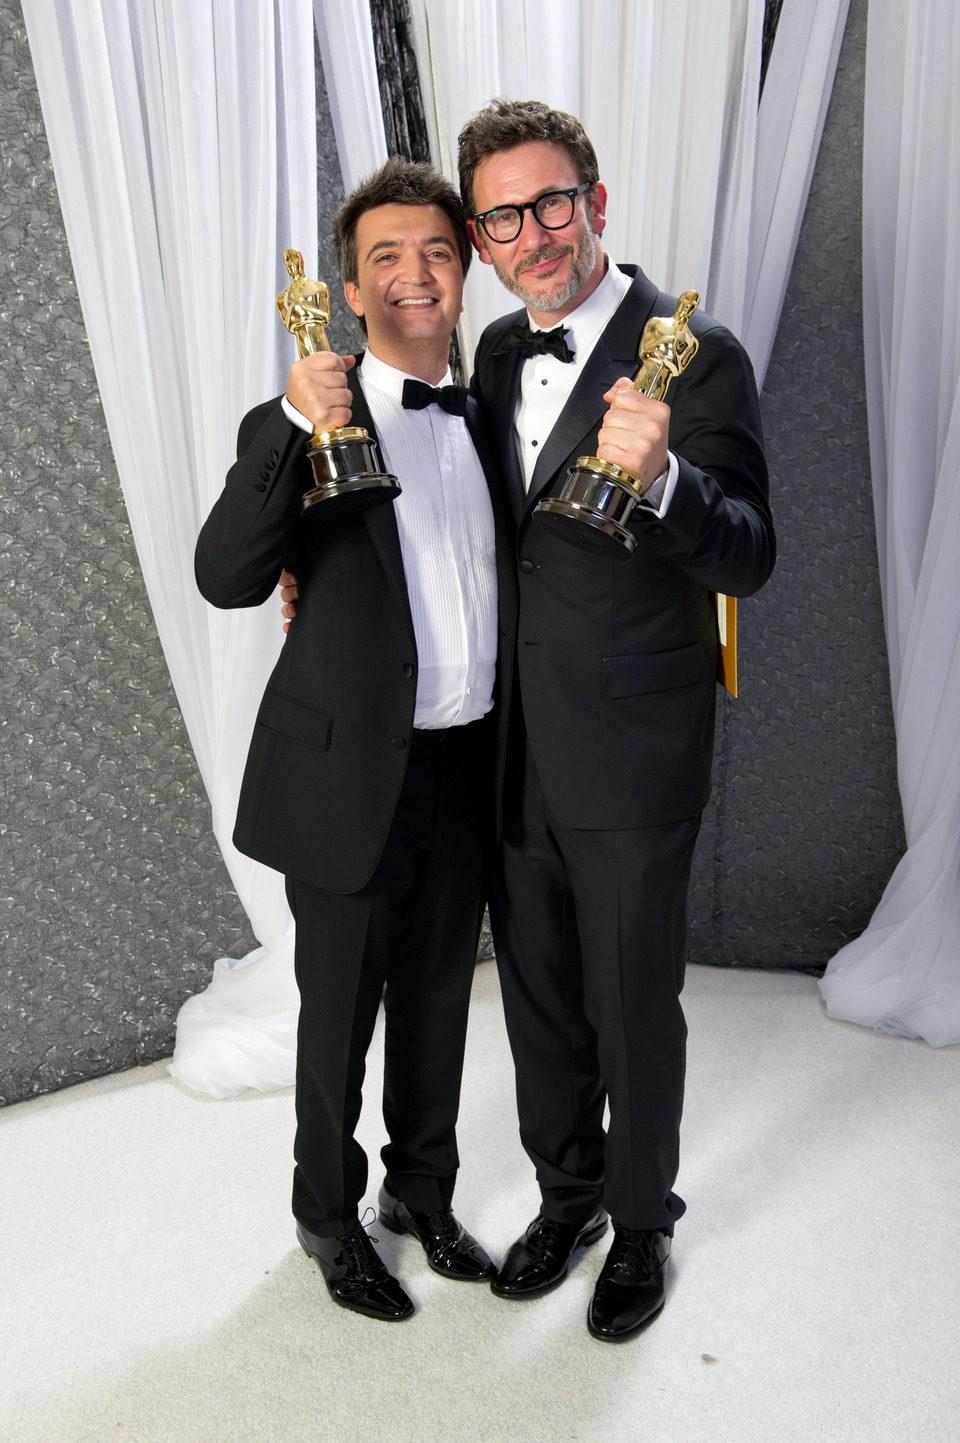 Thomas Langmann, productor de 'The artist', con Miche Hazanavicius, director de la cinta